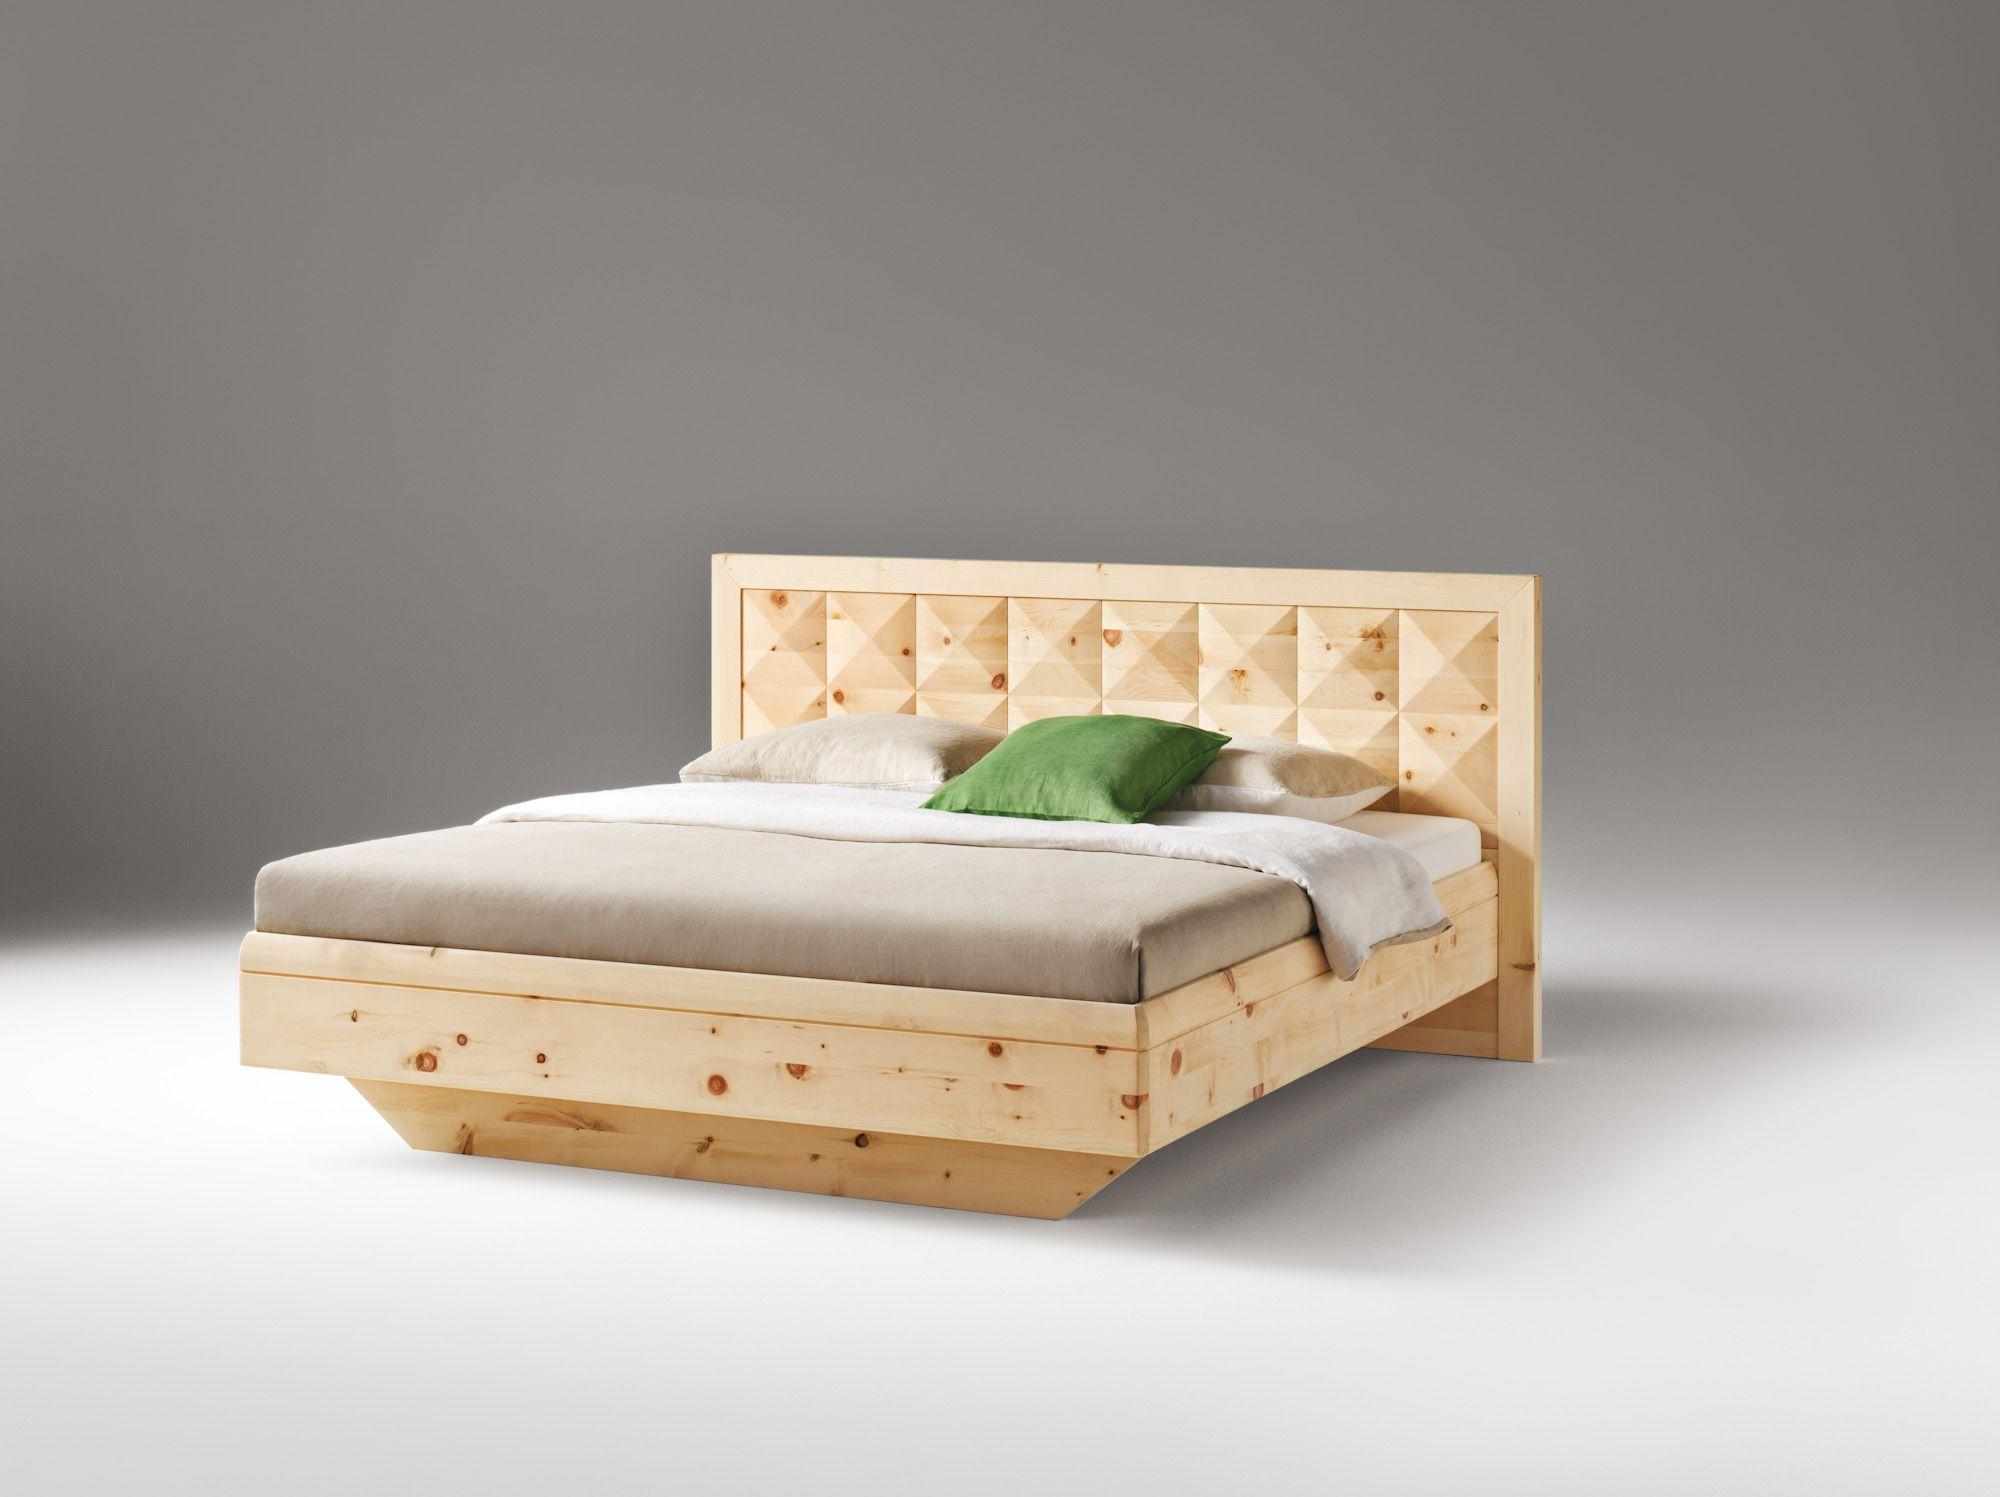 Doppelbett Massivholz Zirbe Bei Mobel Morschett Bett